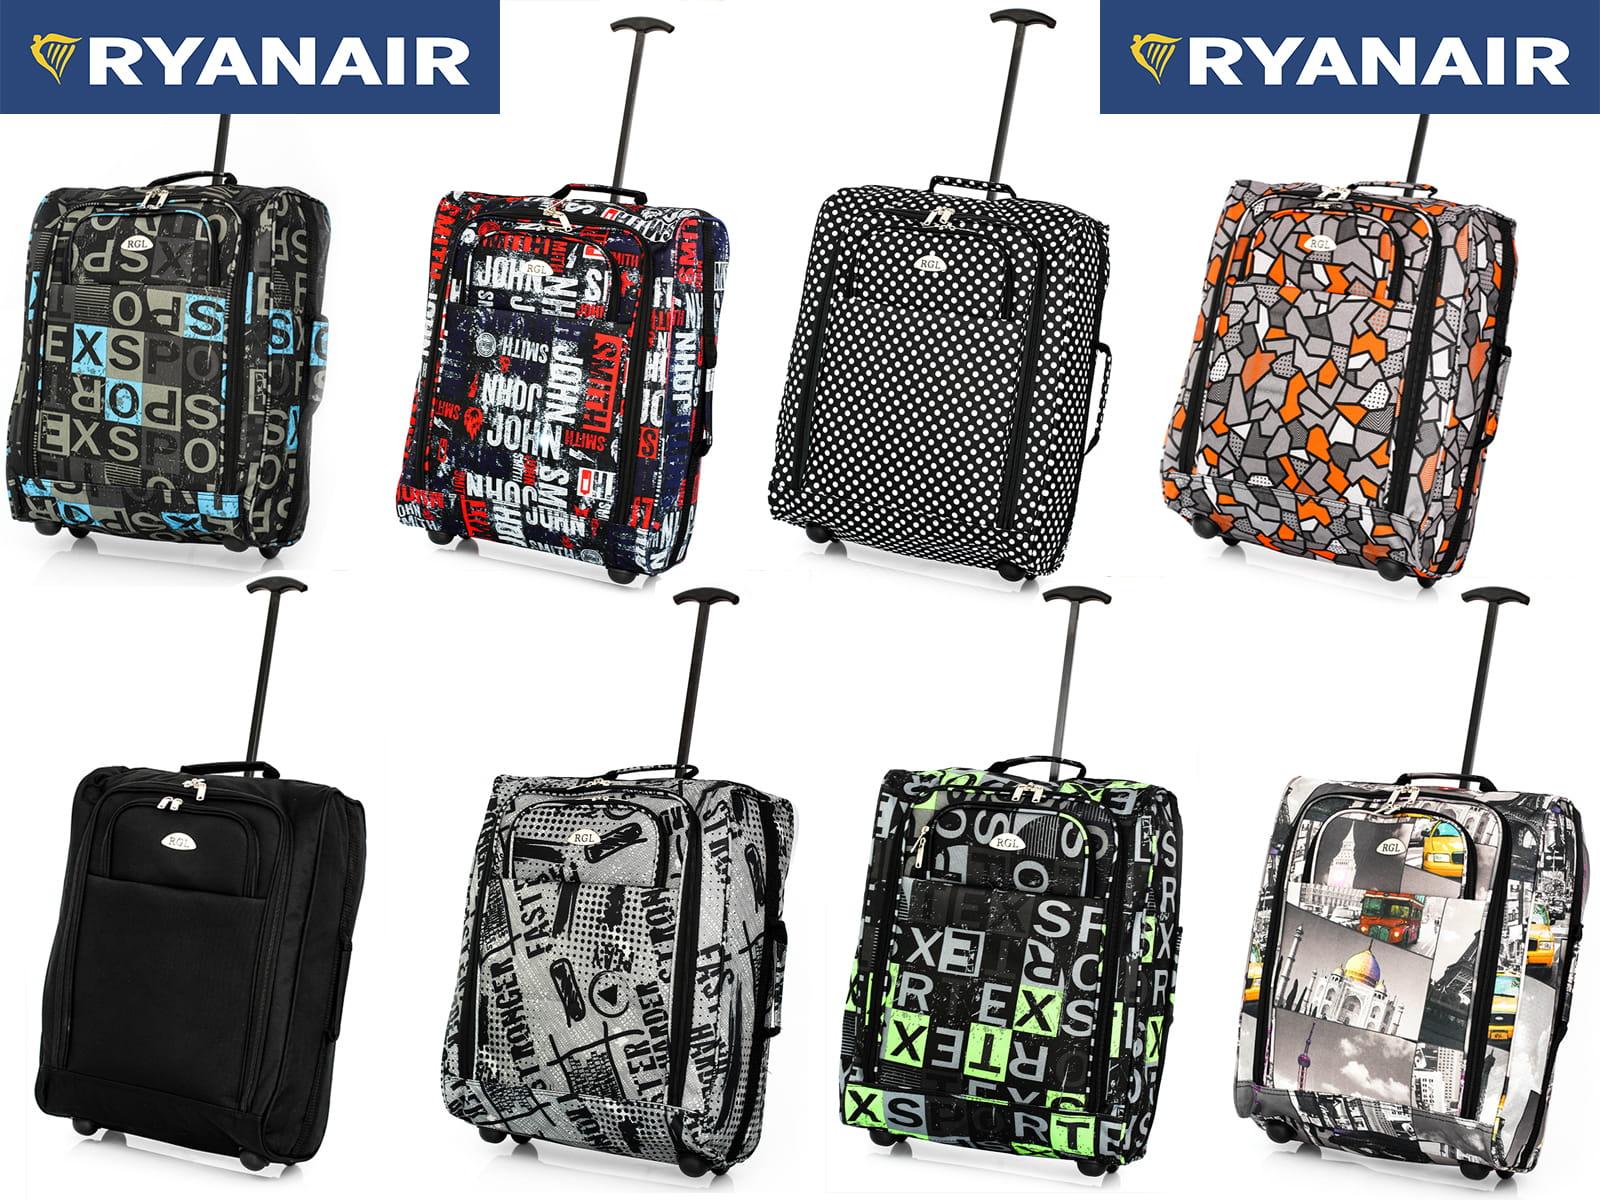 5730a3145a357 Walizka torba RYANAIR 55x40x20 lekka 1kg Bagaż podręczny REVERSE ...